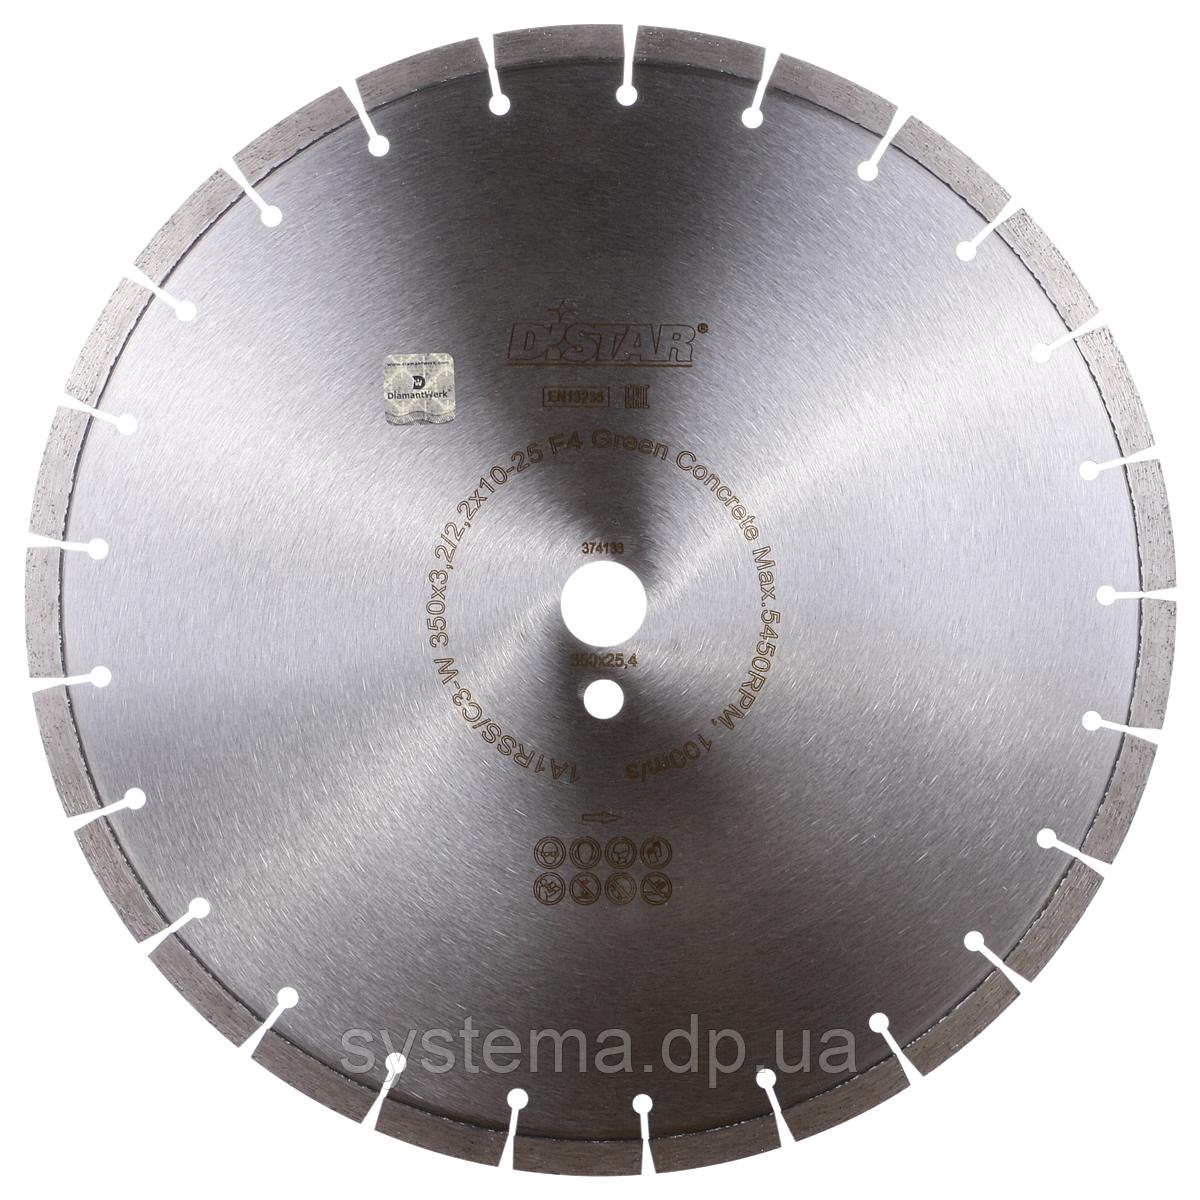 Алмазный диск по свежему бетону - DISTAR 1A1RSS/C3 GREEN CONCRETE 350 мм